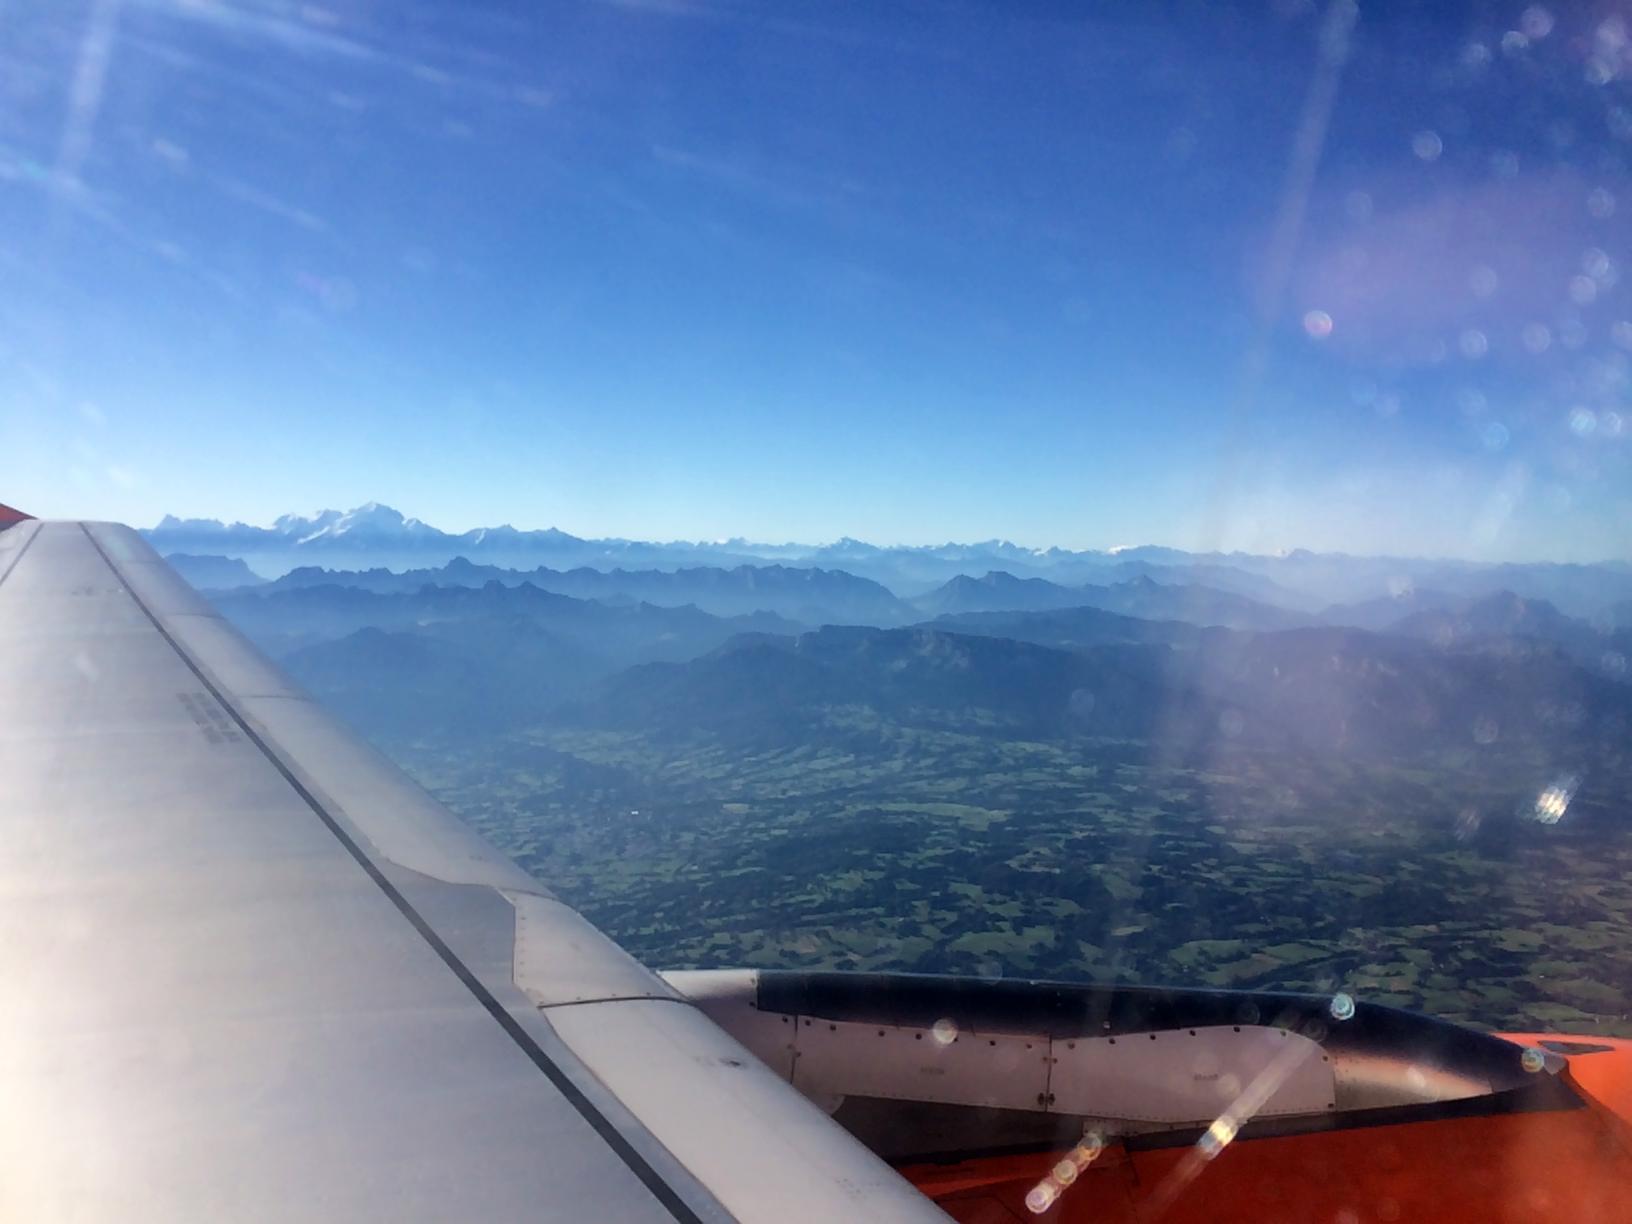 Anflug ... man unverkennbar, der höchste Berg der Alpen